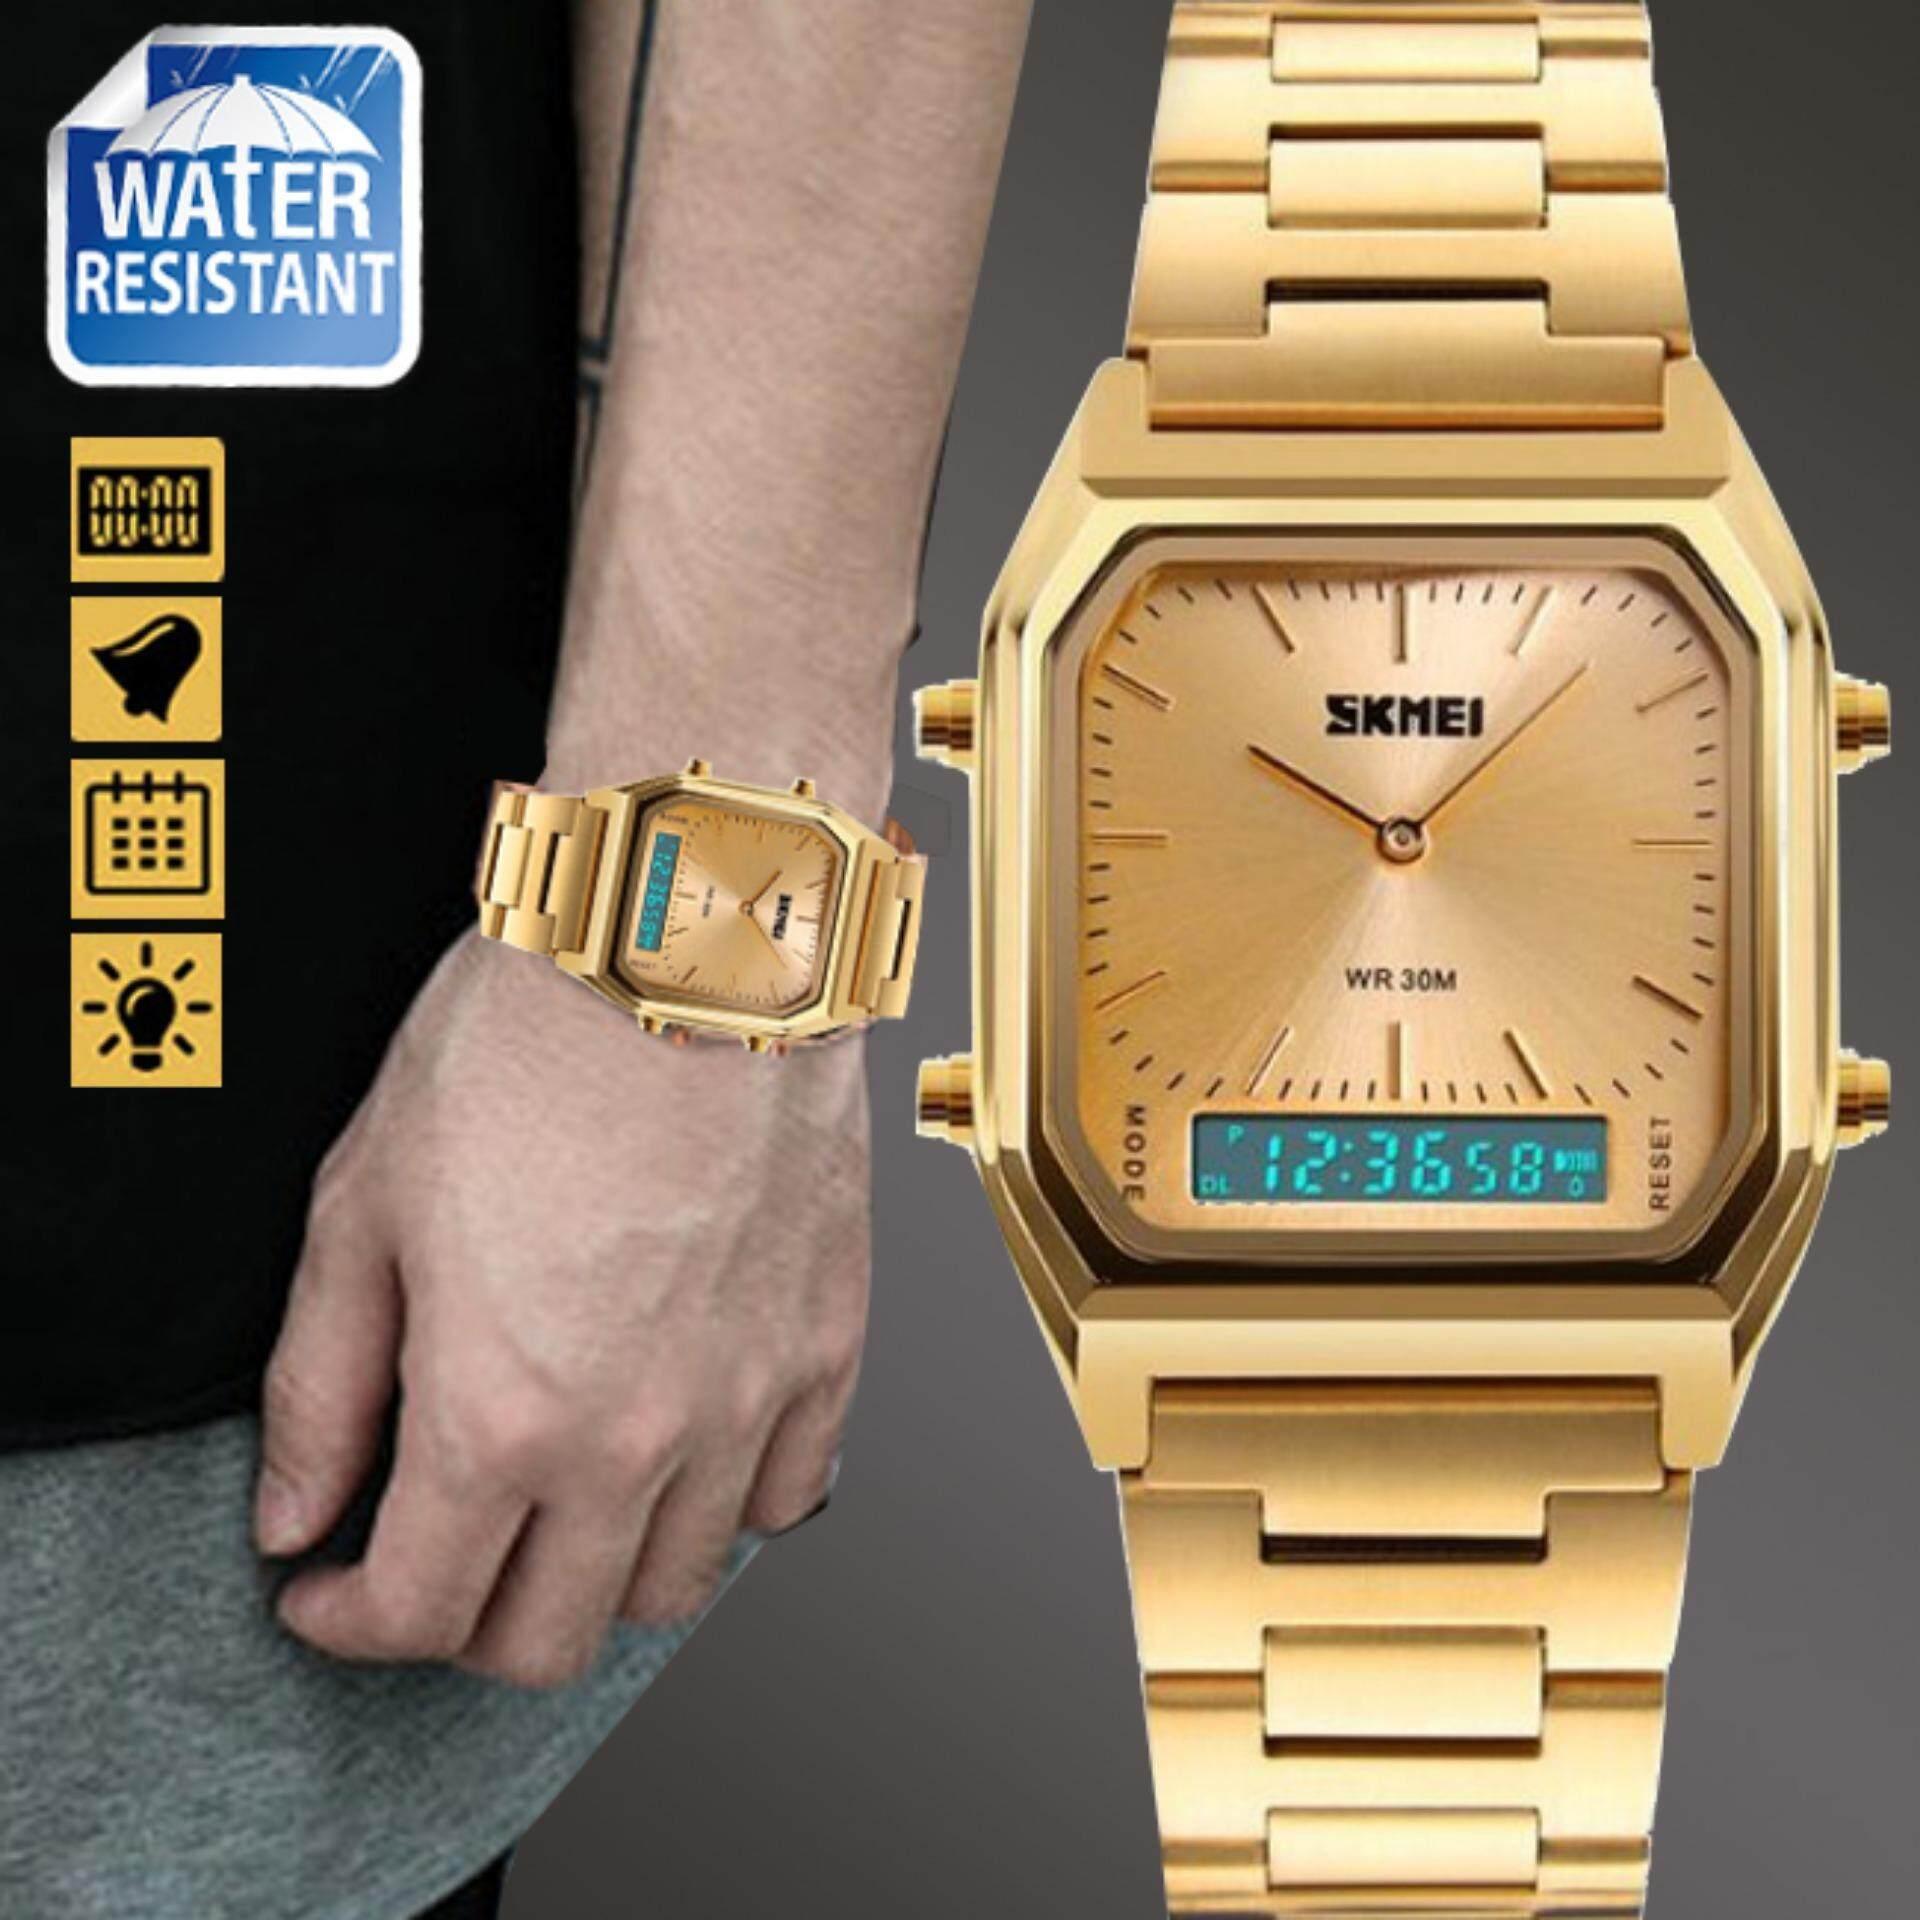 ทบทวน Skmei ของแท้ 100 ส่งในไทยไวแน่นอน นาฬิกาข้อมือผู้หญิง สไตล์ Casual Bussiness Watch ใช้งานได้ 2 ระบบ ทั้ง Analog และ Digital จับเวลา ตั้งปลุก กันน้ำ สายแสตนเลสสีทอง รุ่น Sk M1220 สีทอง Gold